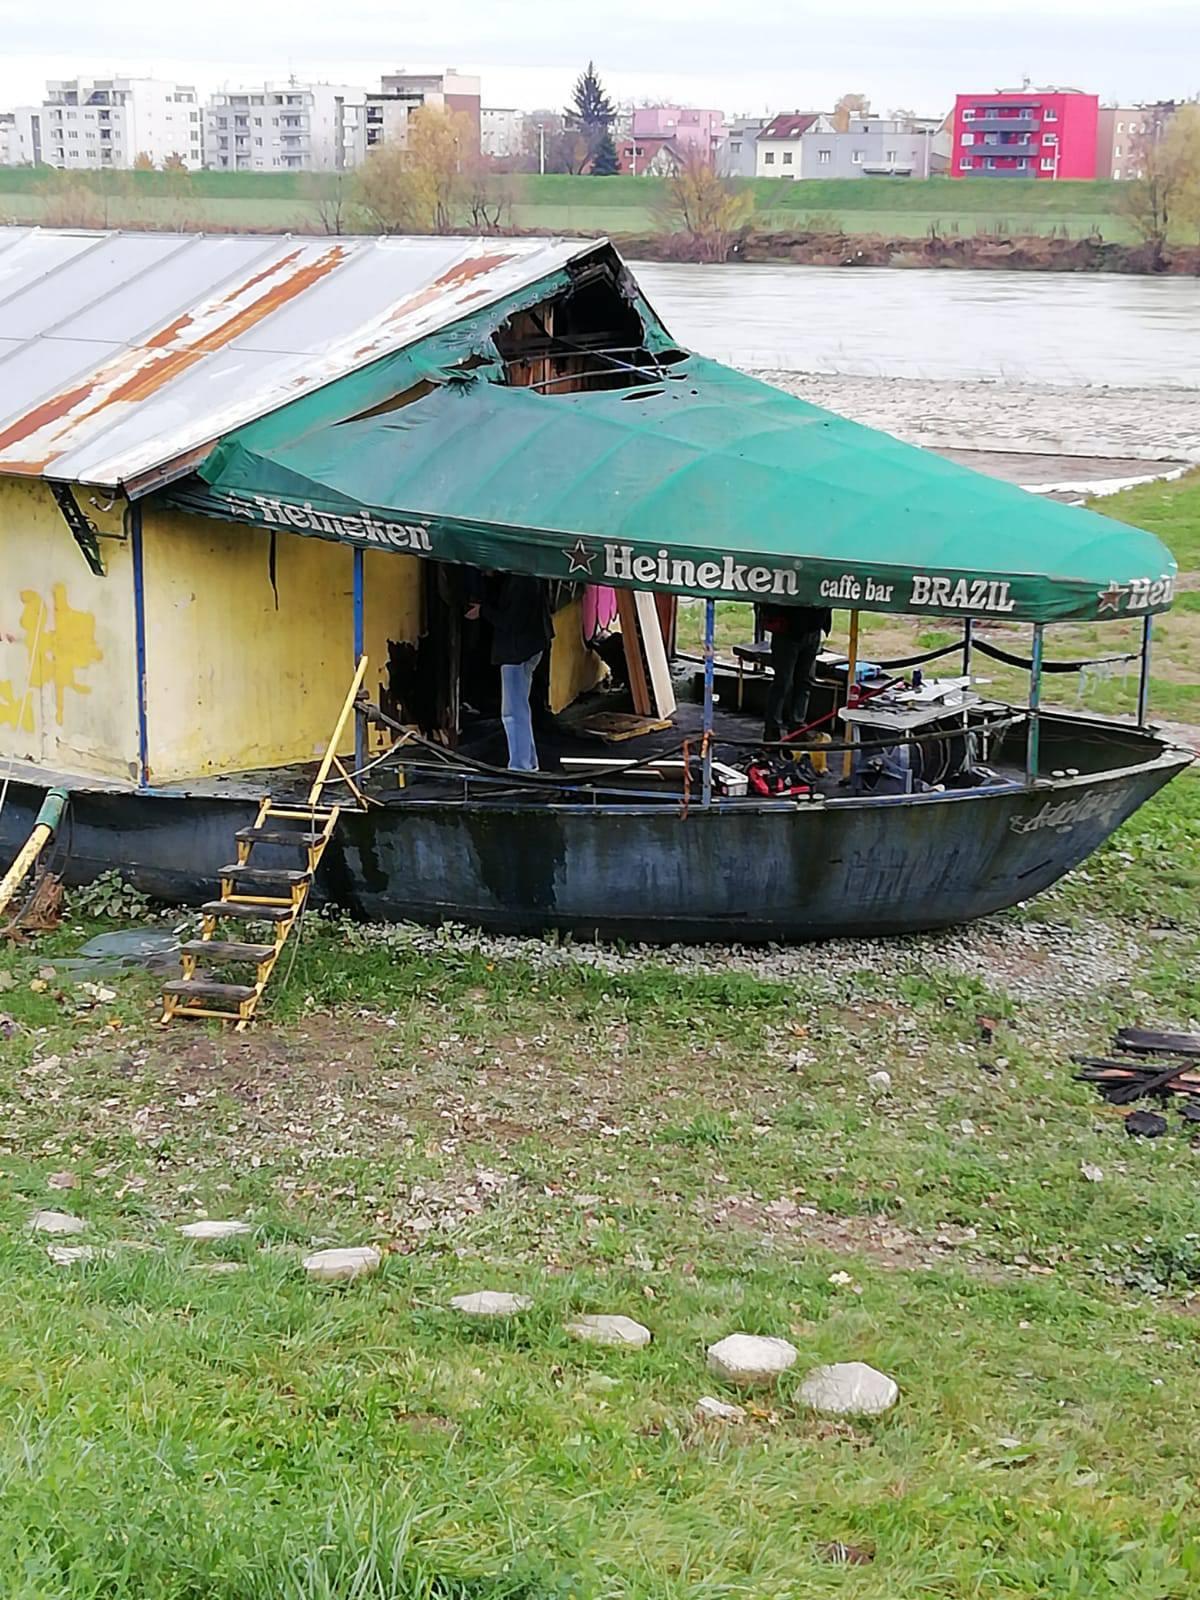 Požar je podmetnut? Izgorio je brod Brazil uz nasip u Zagrebu